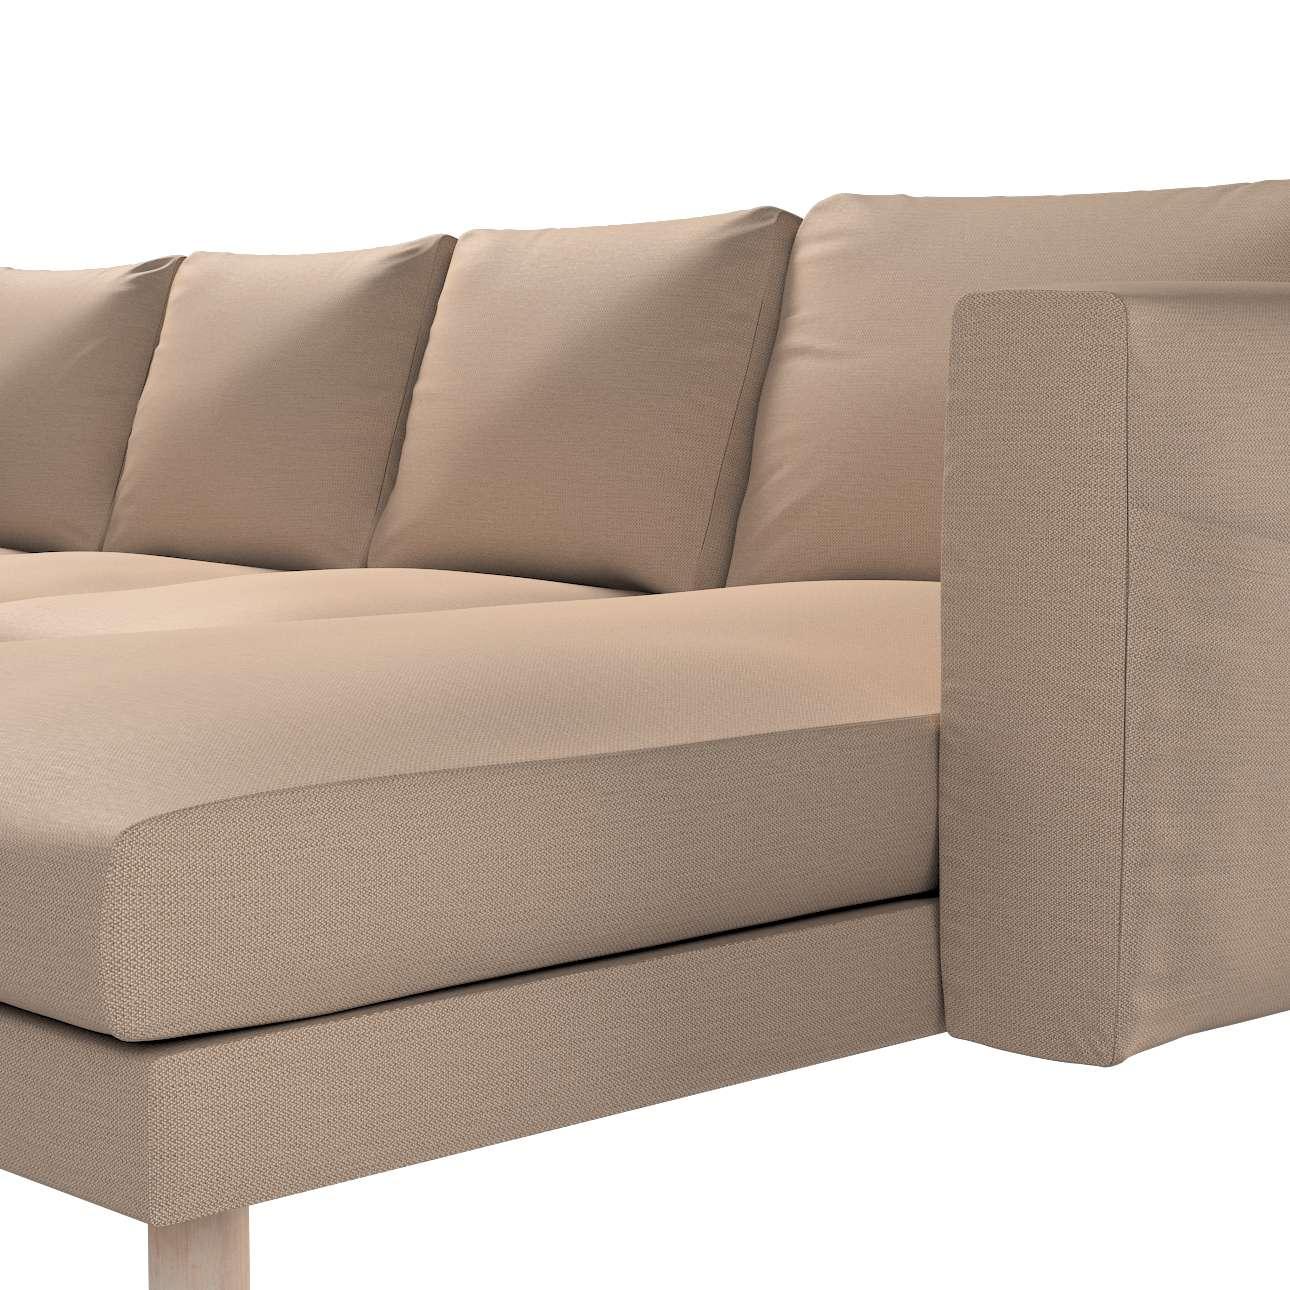 Pokrowiec na sofę Norsborg 4-osobową z szezlongiem w kolekcji Bergen, tkanina: 161-75